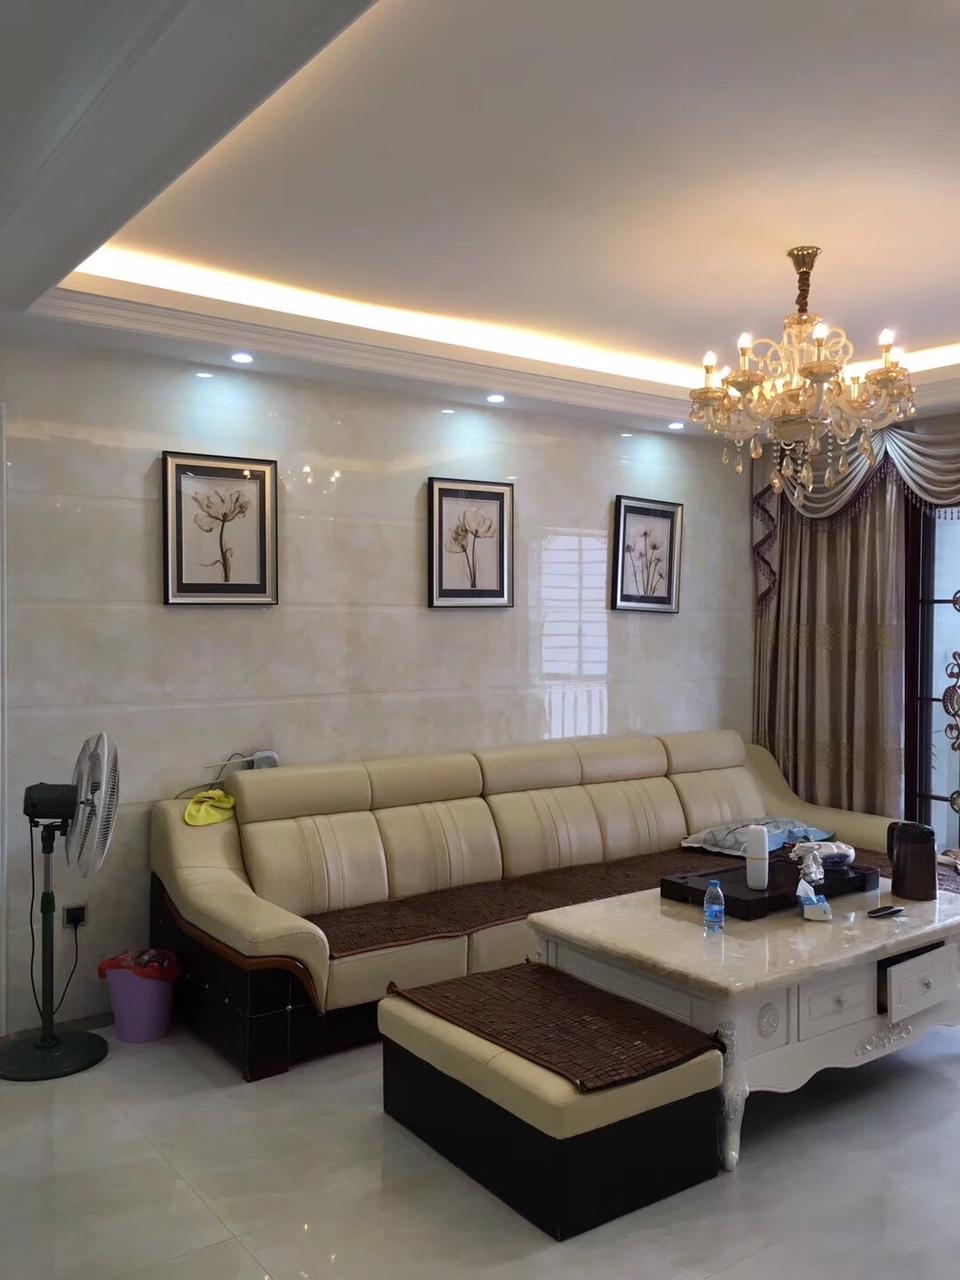 翰林苑4室2厅2卫138万元